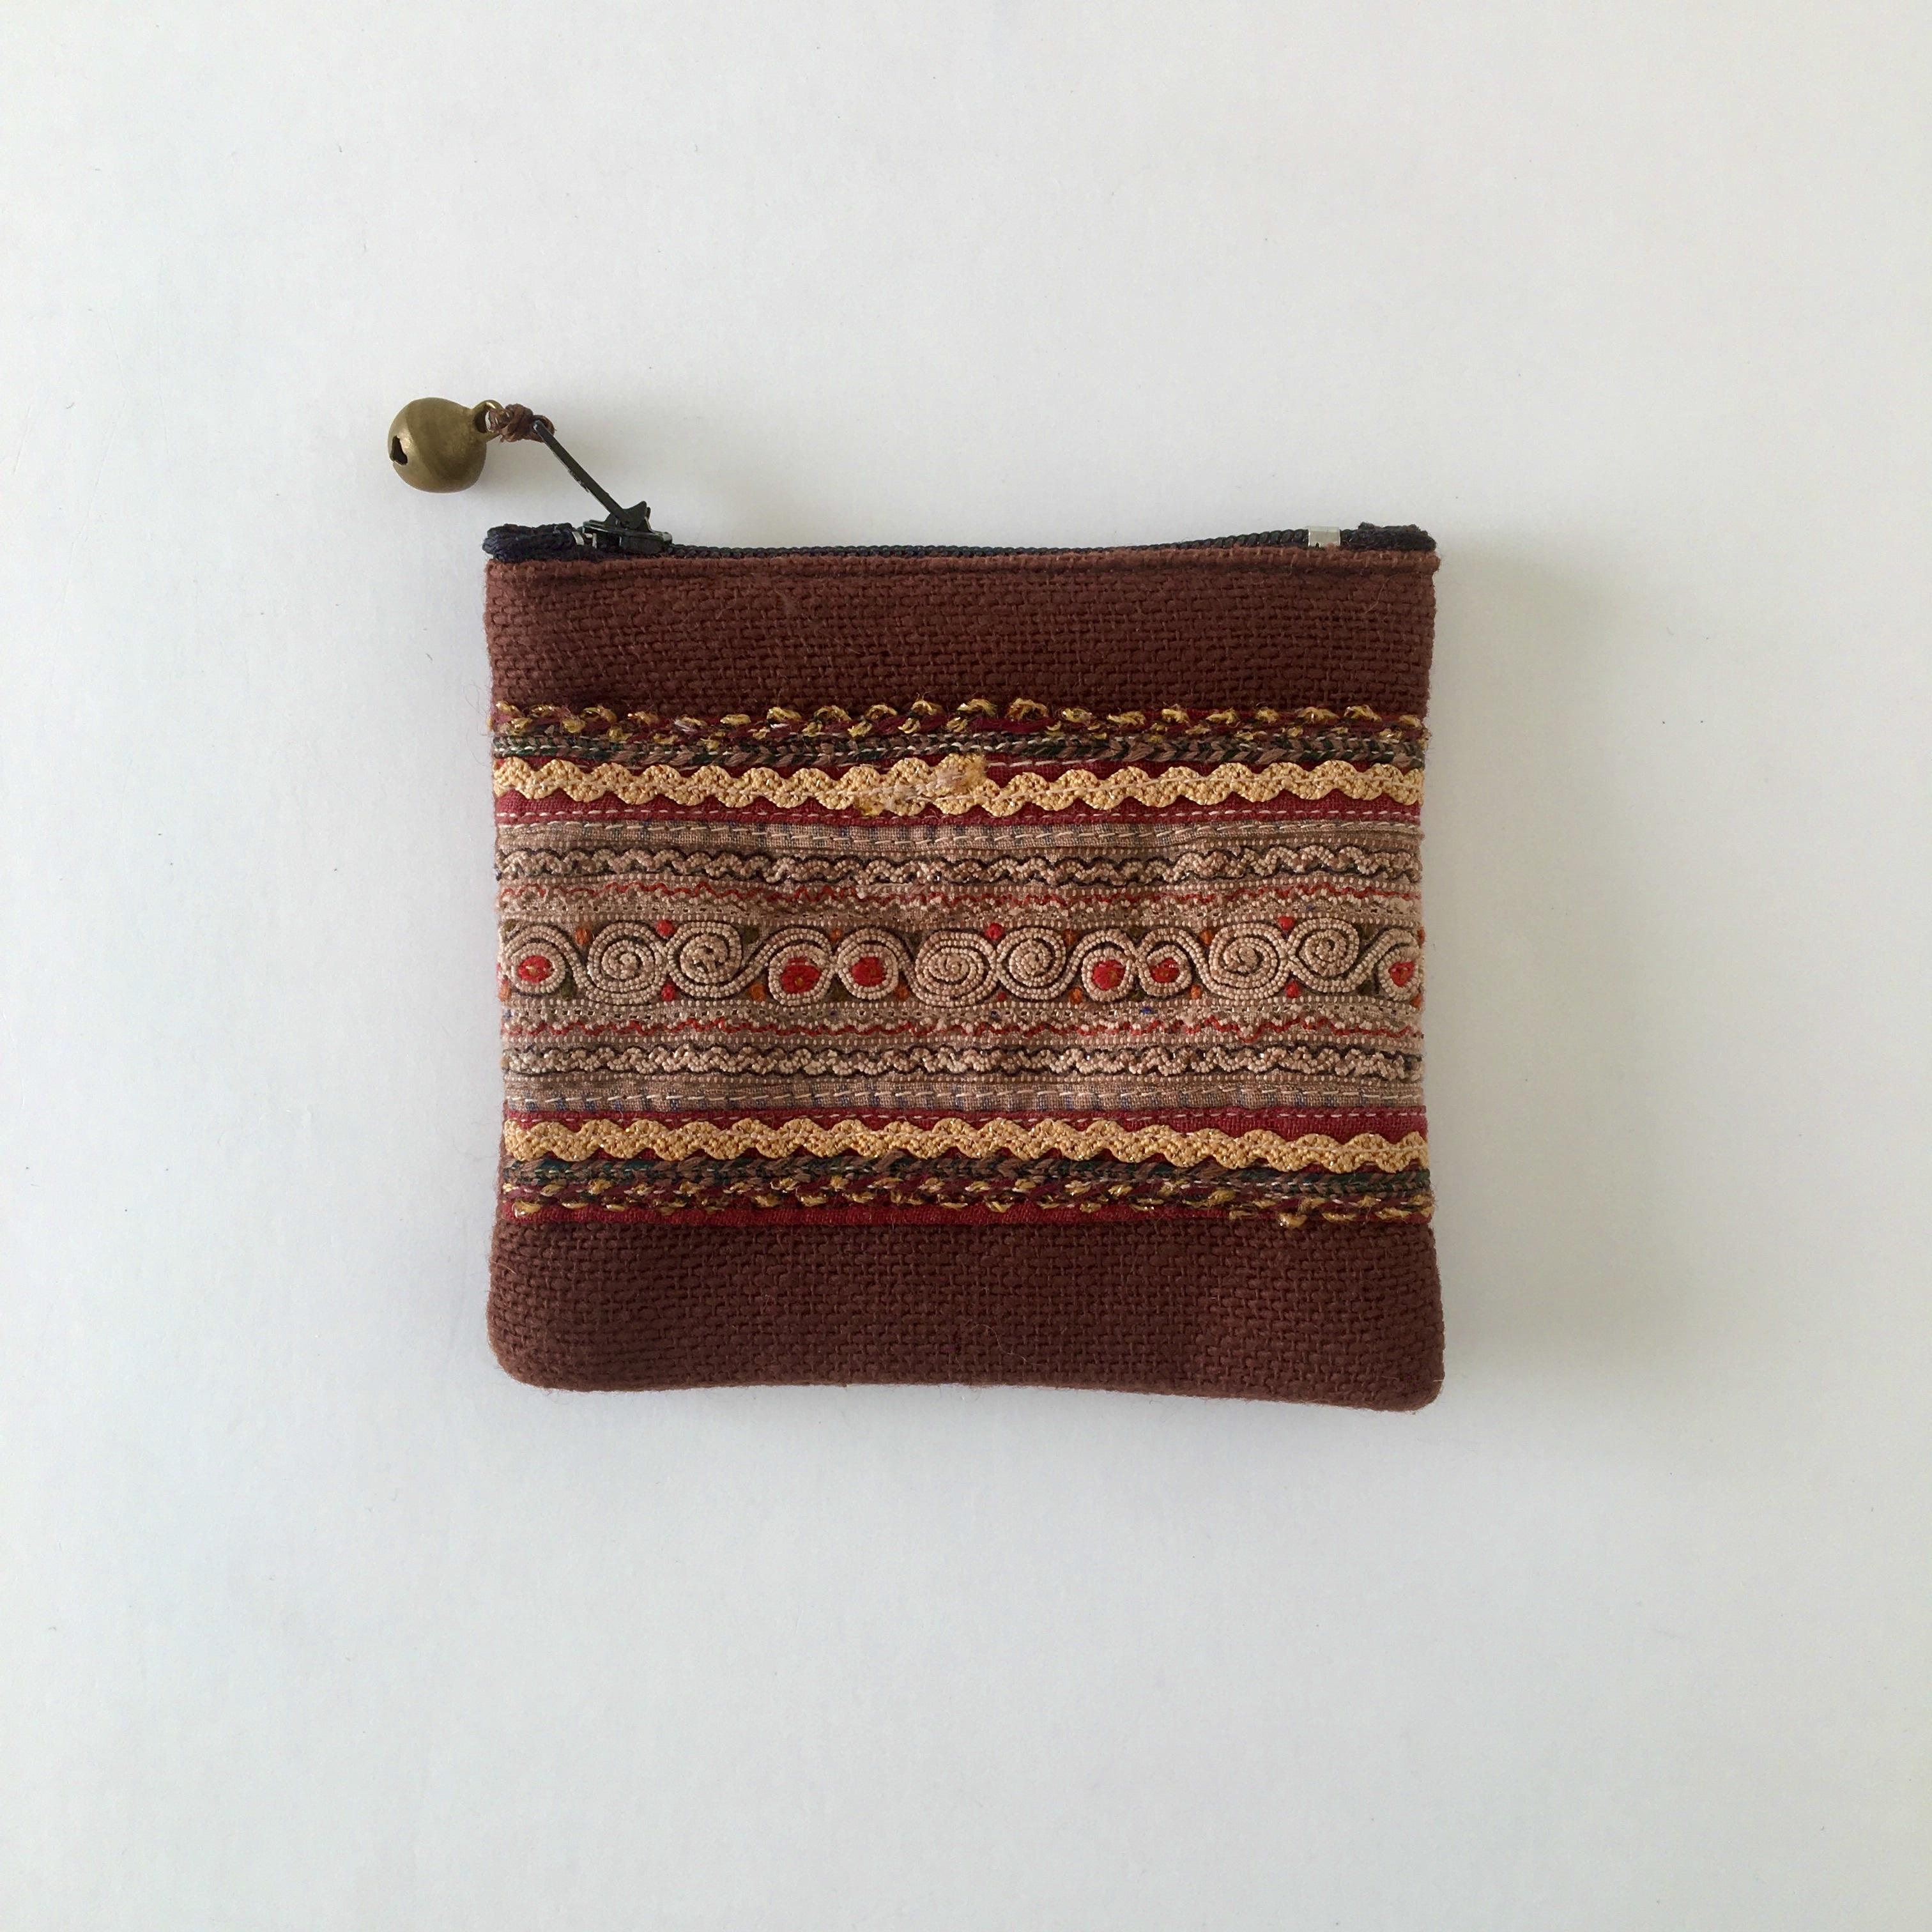 モン族の刺繍のコインケース③|Hmong Embroidery Coin Purse